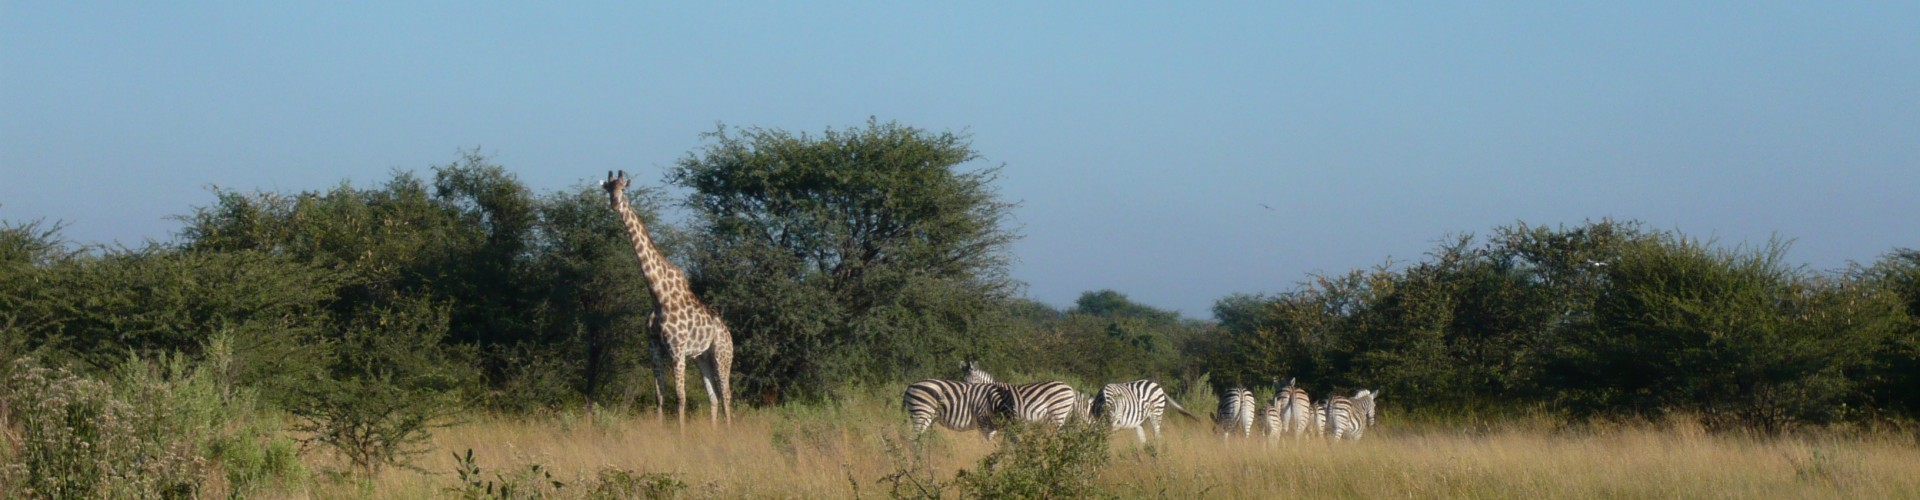 Botswana Giraffe Educational May 2008 103